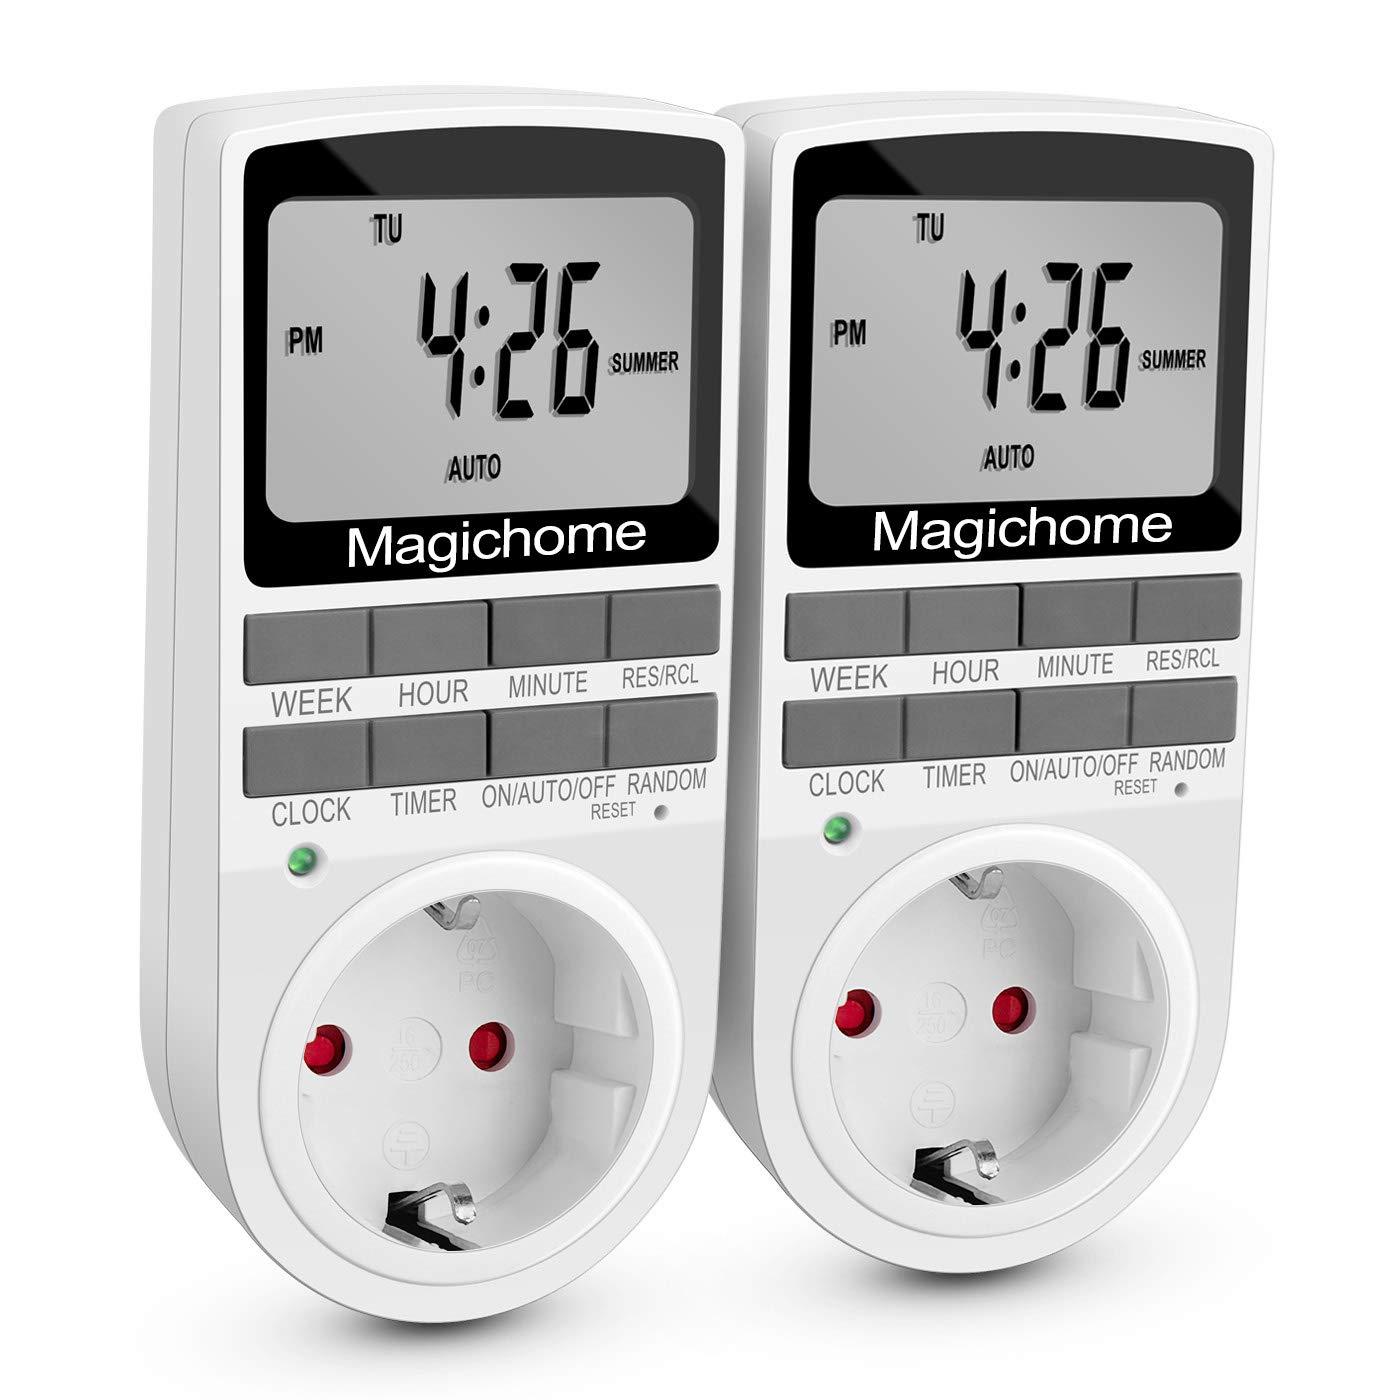 Magichome Temporizador Digital Programable, Enchufe Programador con Pantalla LCD 12/24 Horas, Diario/Semanal, Temporizador Enchufe con Horario Aleatorio y ...